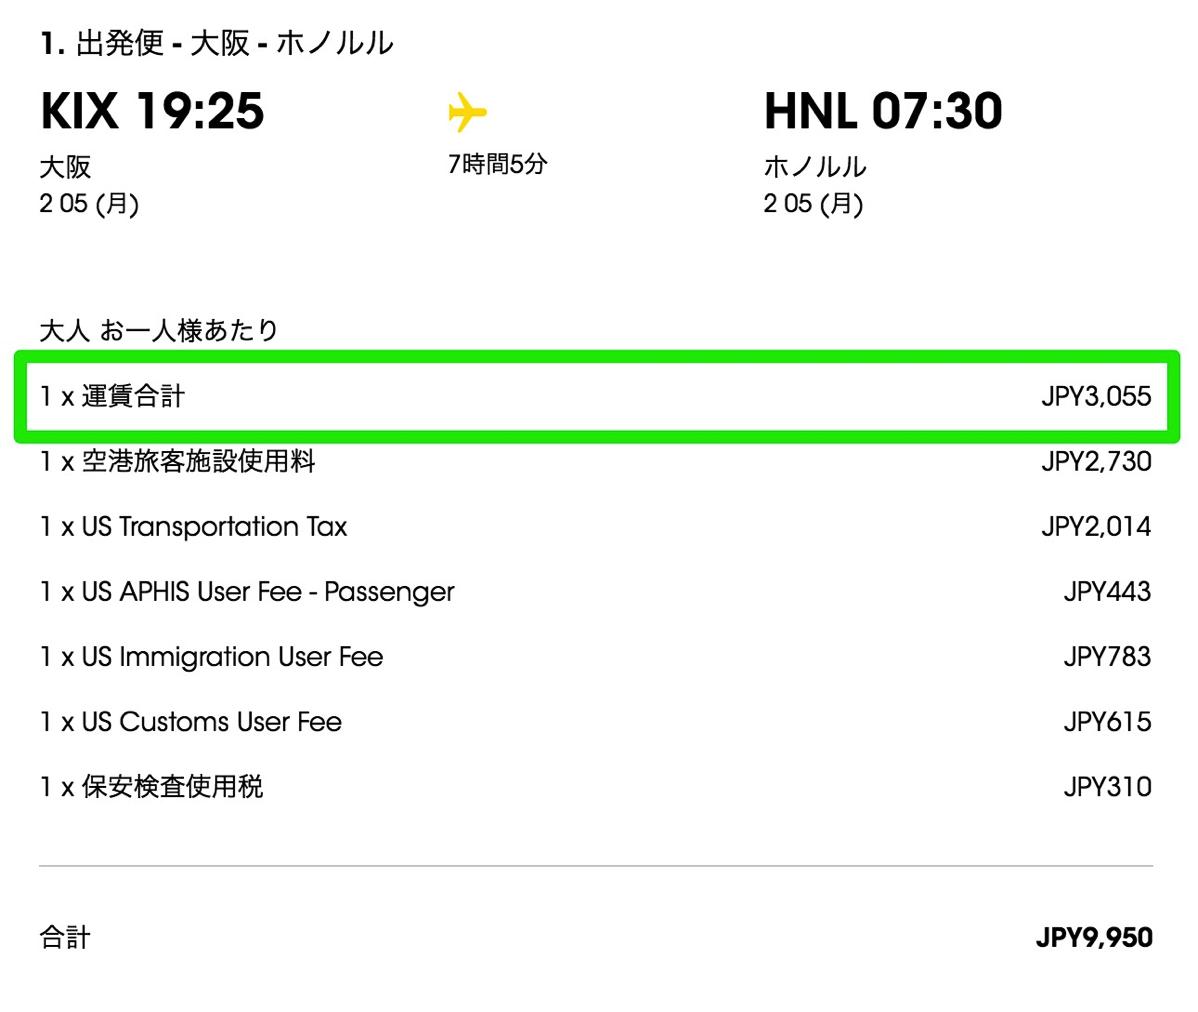 関空→ホノルル:運賃は約3,000円